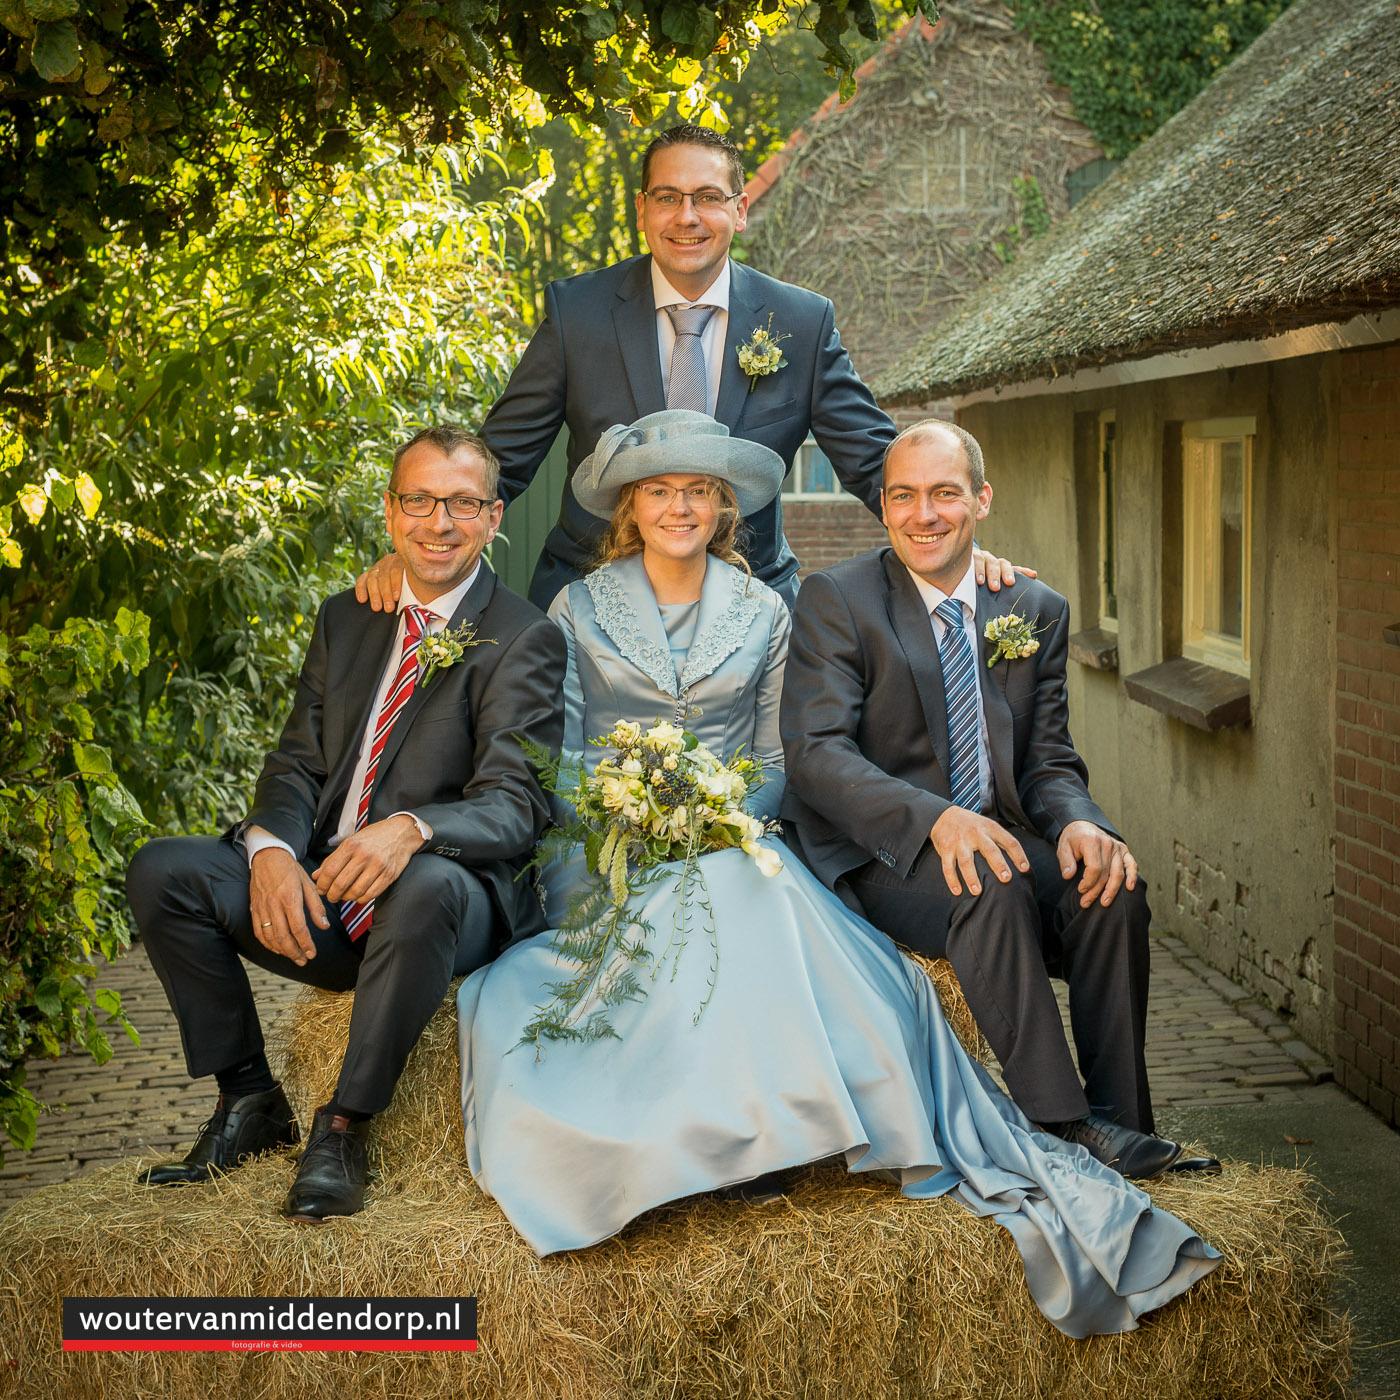 bruidsfotografie Wouter van Middendorp Uddel, Putten, -16